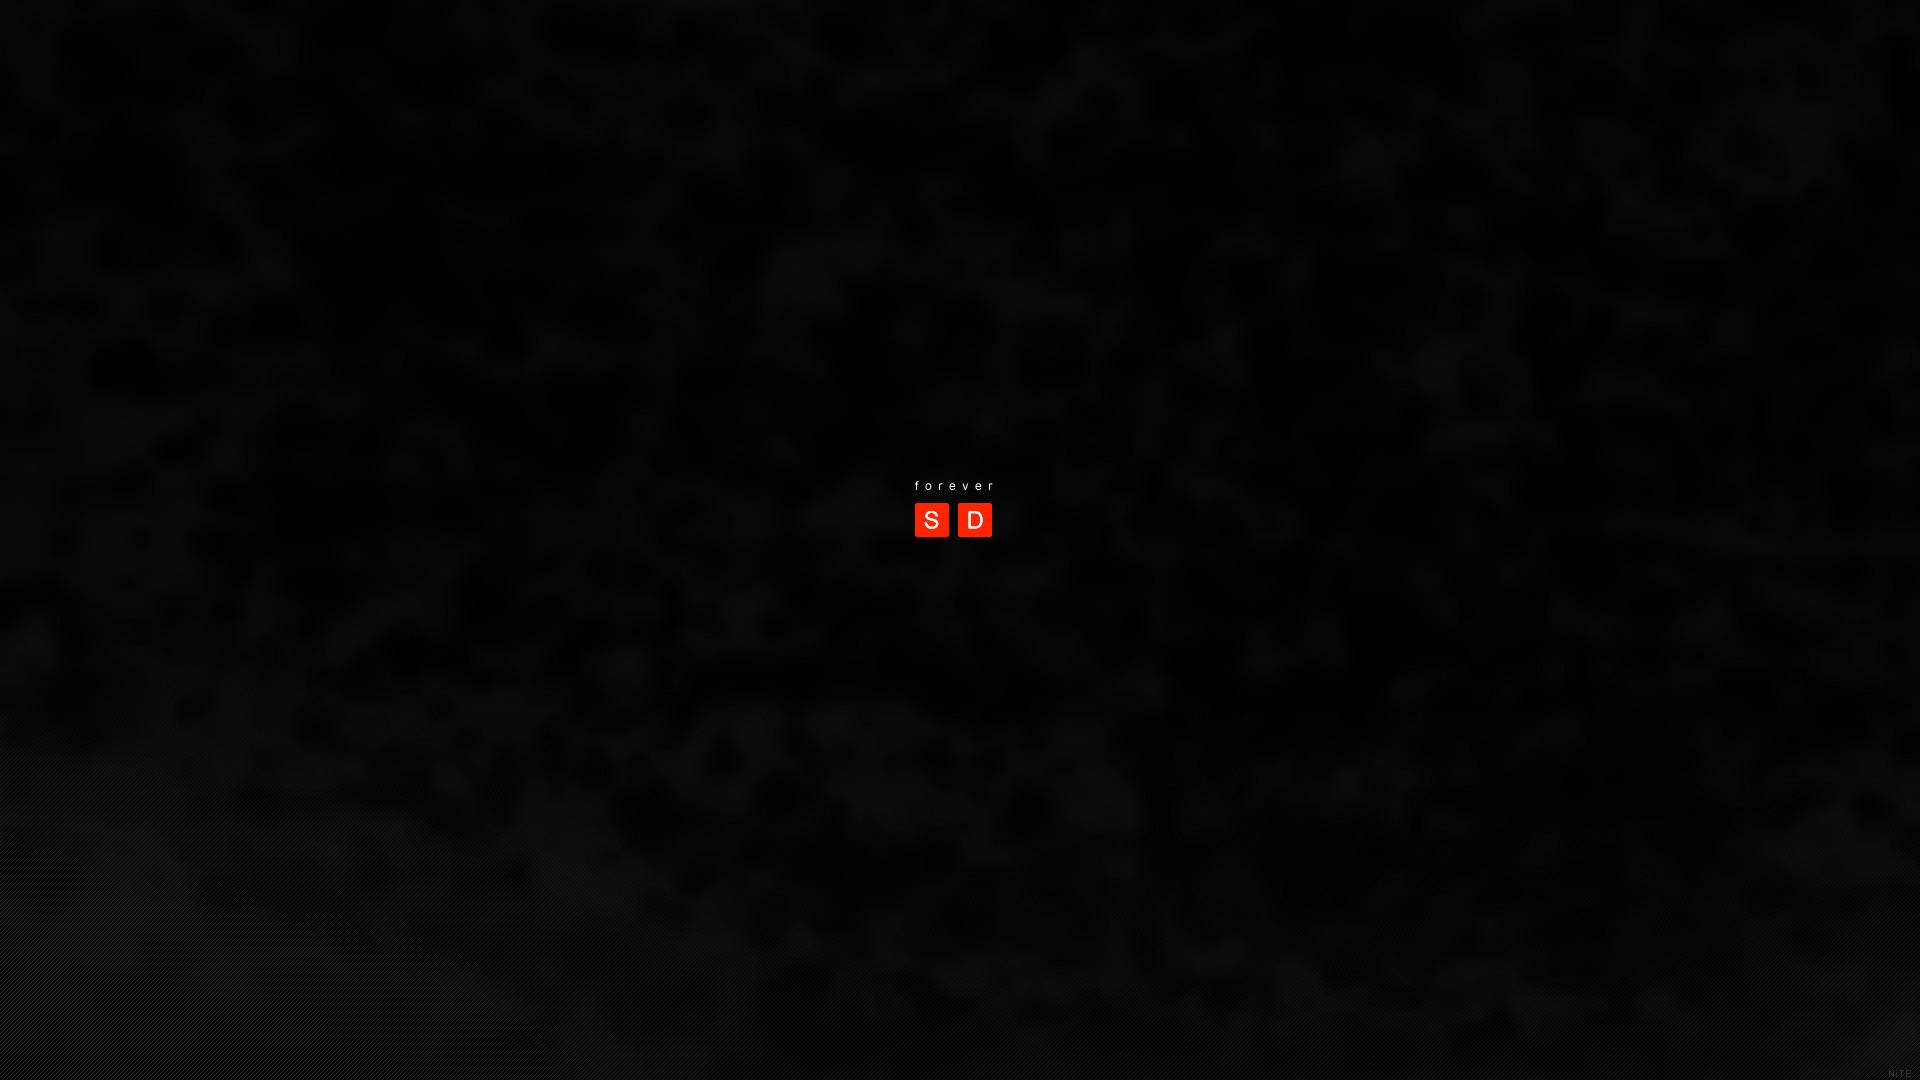 Dark Minimalist Wallpaper (78+ pictures)